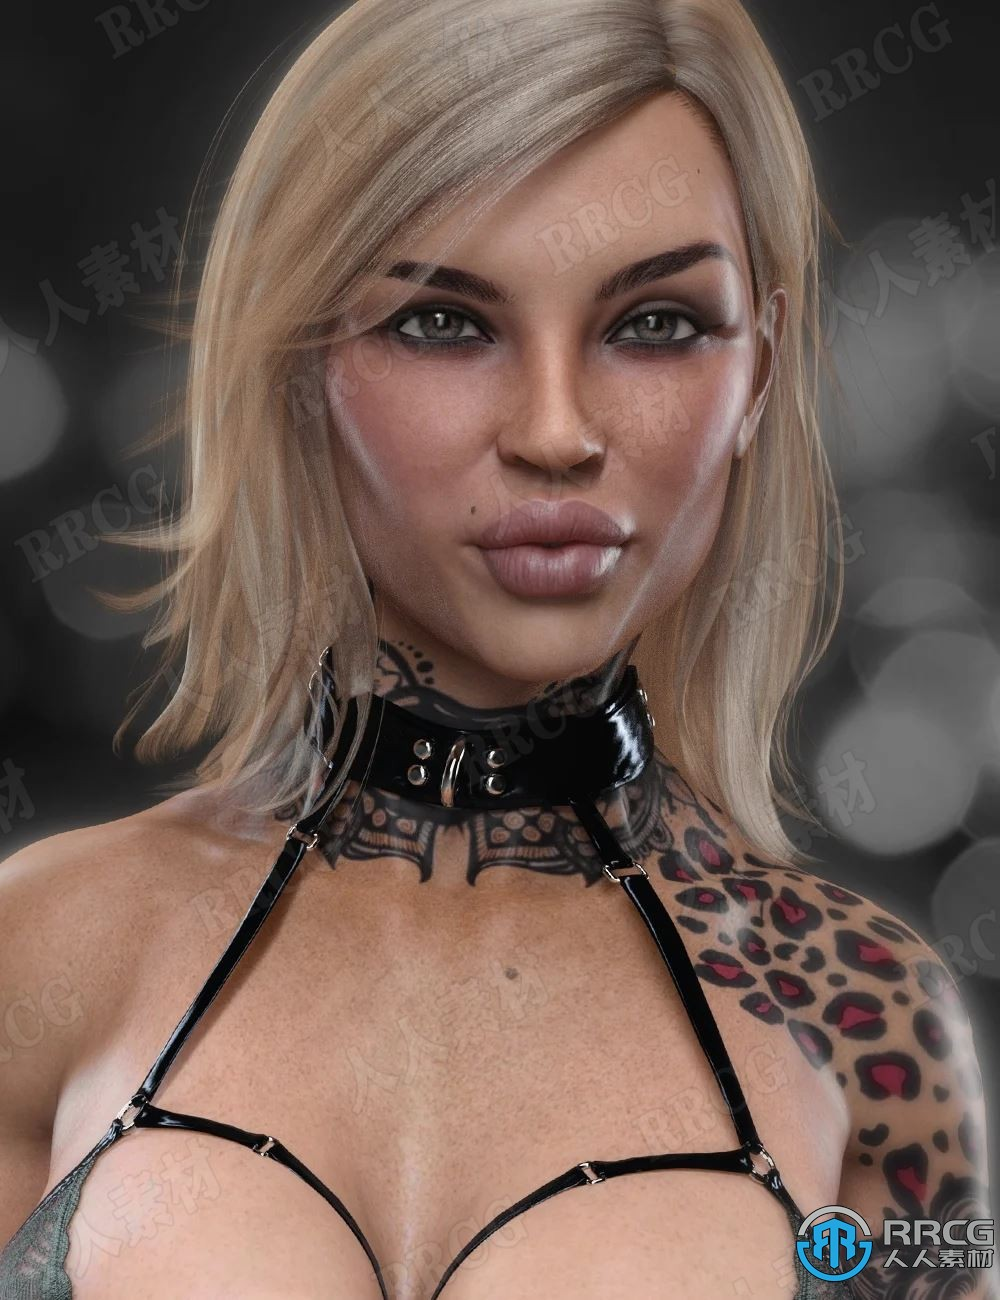 满身纹身花样酷炫妆容高清女性3D模型合集